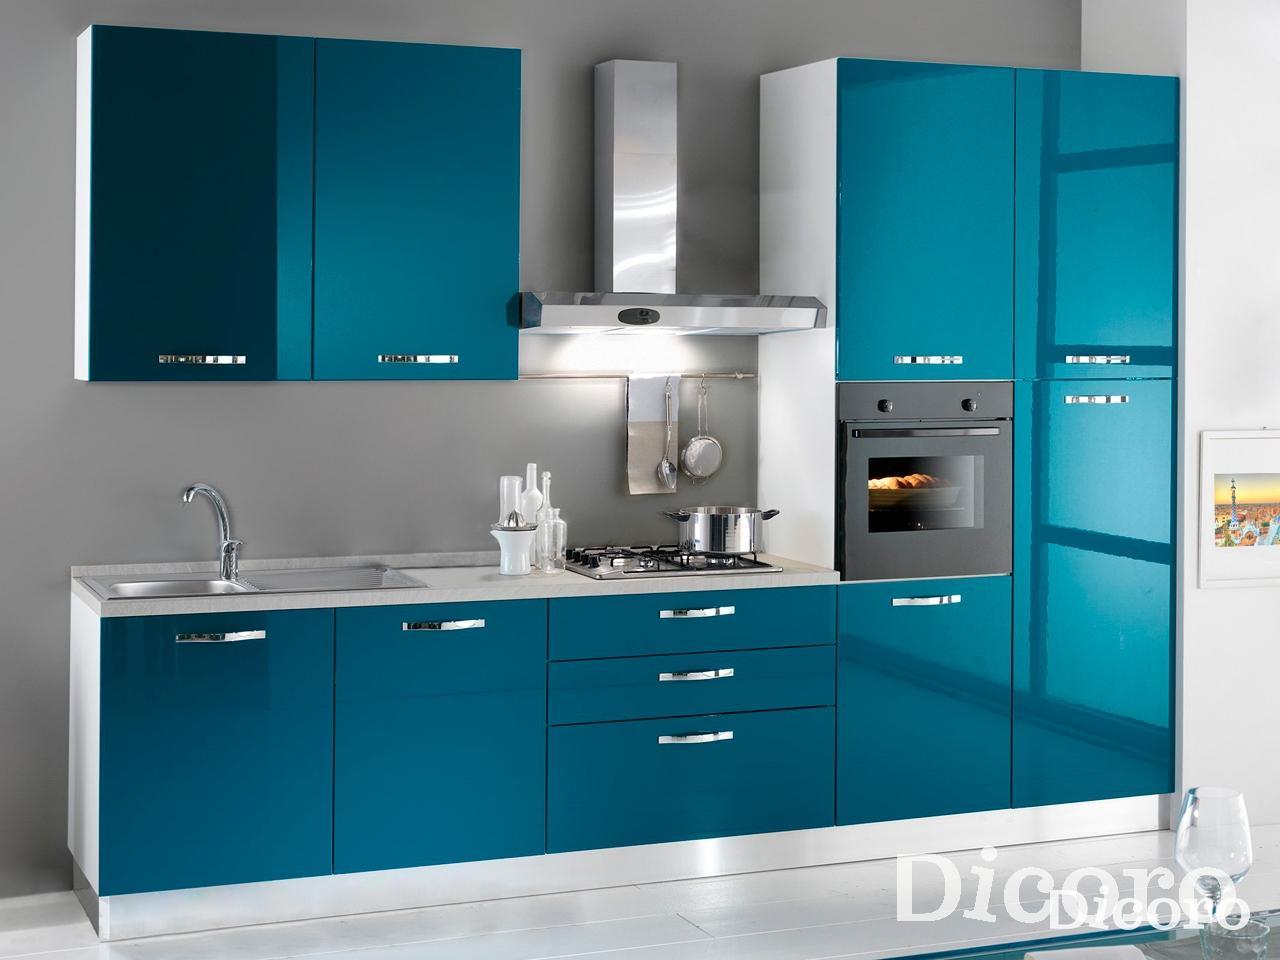 Una cocina a todo color blog con ideas de decoracion - Precio cocina completa ...